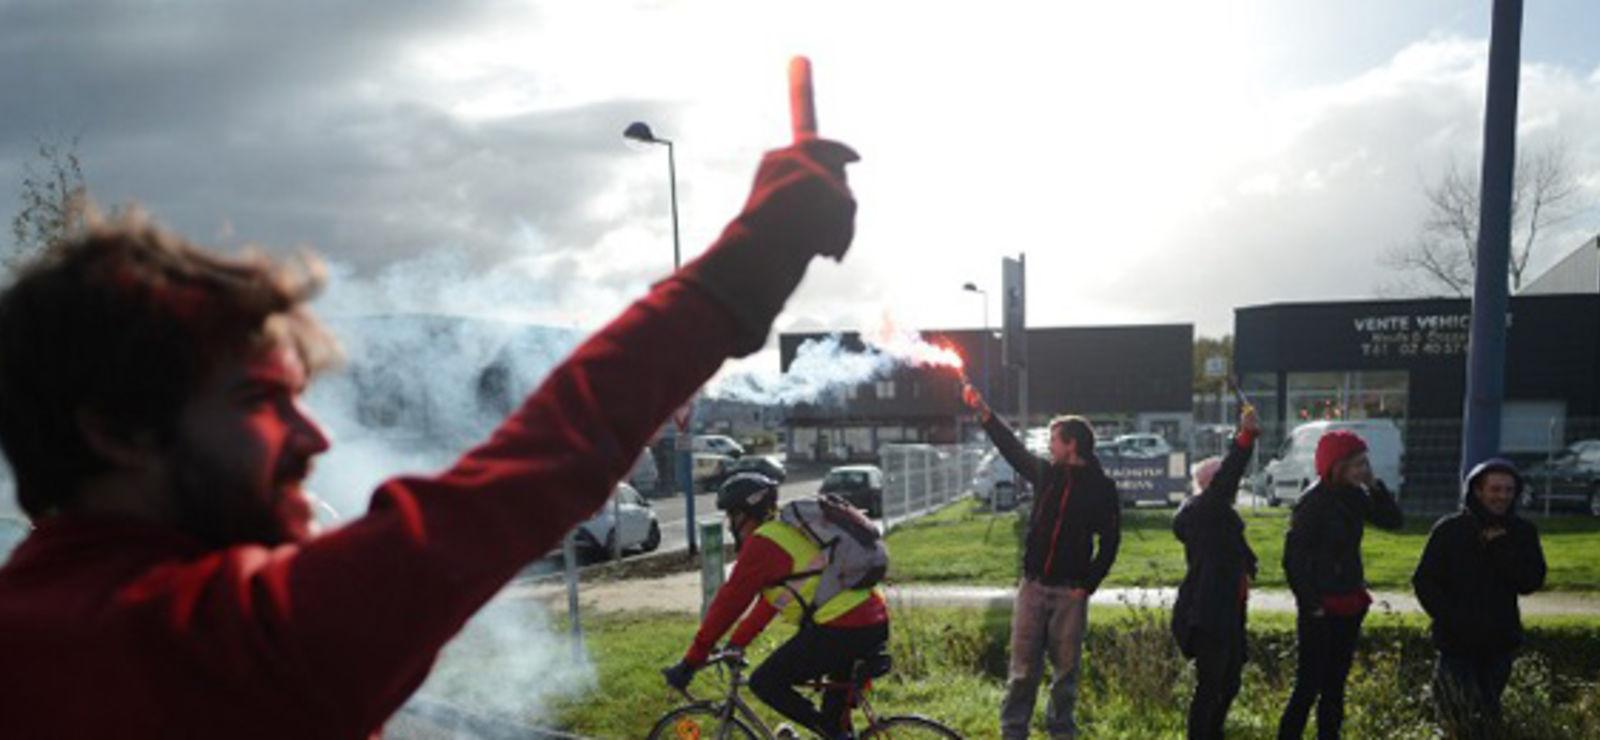 COP 21: manifestations interdites dans toute la France